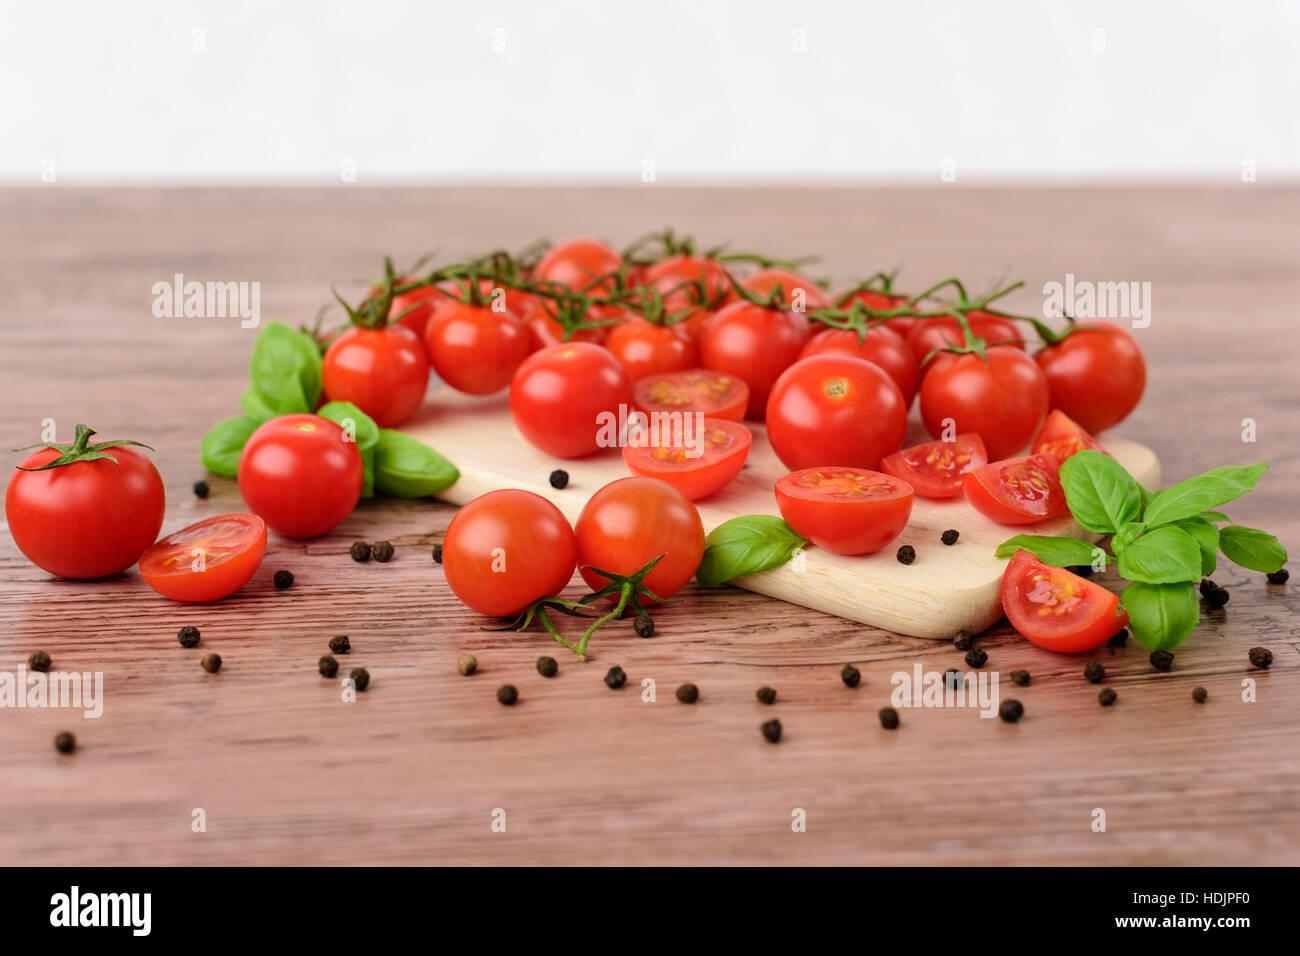 Mini-Tomaotes auf dem Holztisch mit hellem Hintergrund. Stockfoto